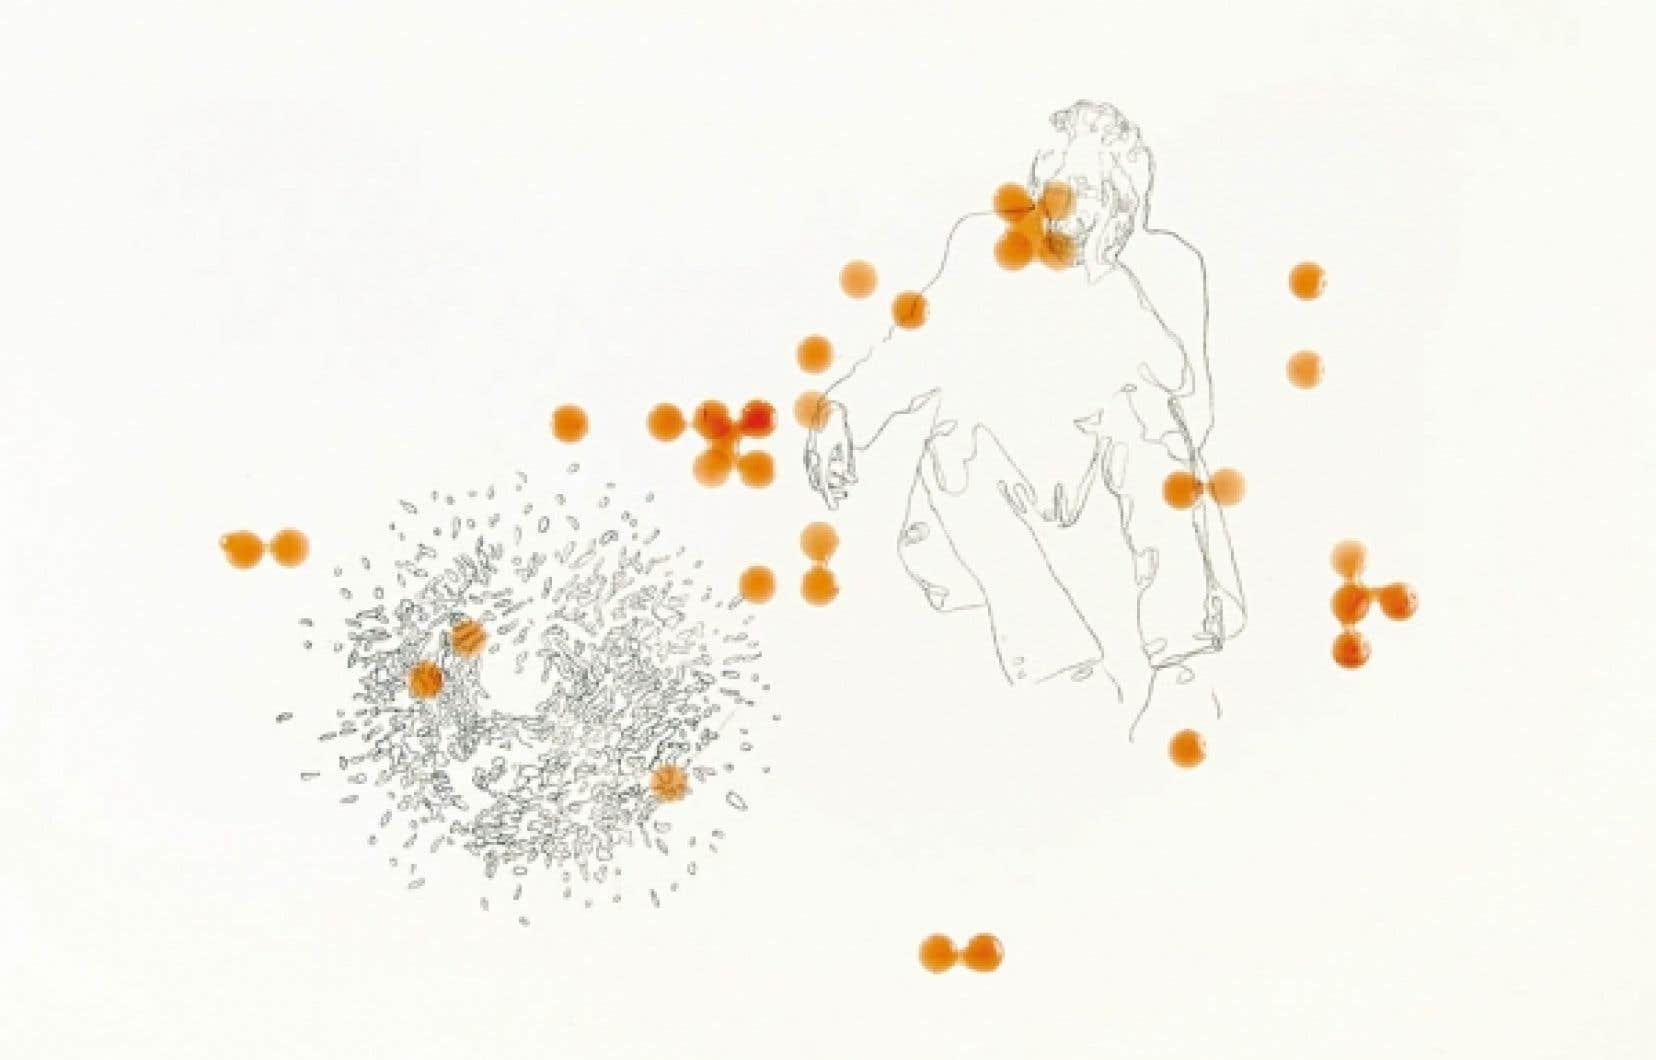 Patrice Duhamel, Sans titre, vers 2003-2004, tracé au carbone, autocollant et résine sur papier, 38 x 50,5 cm